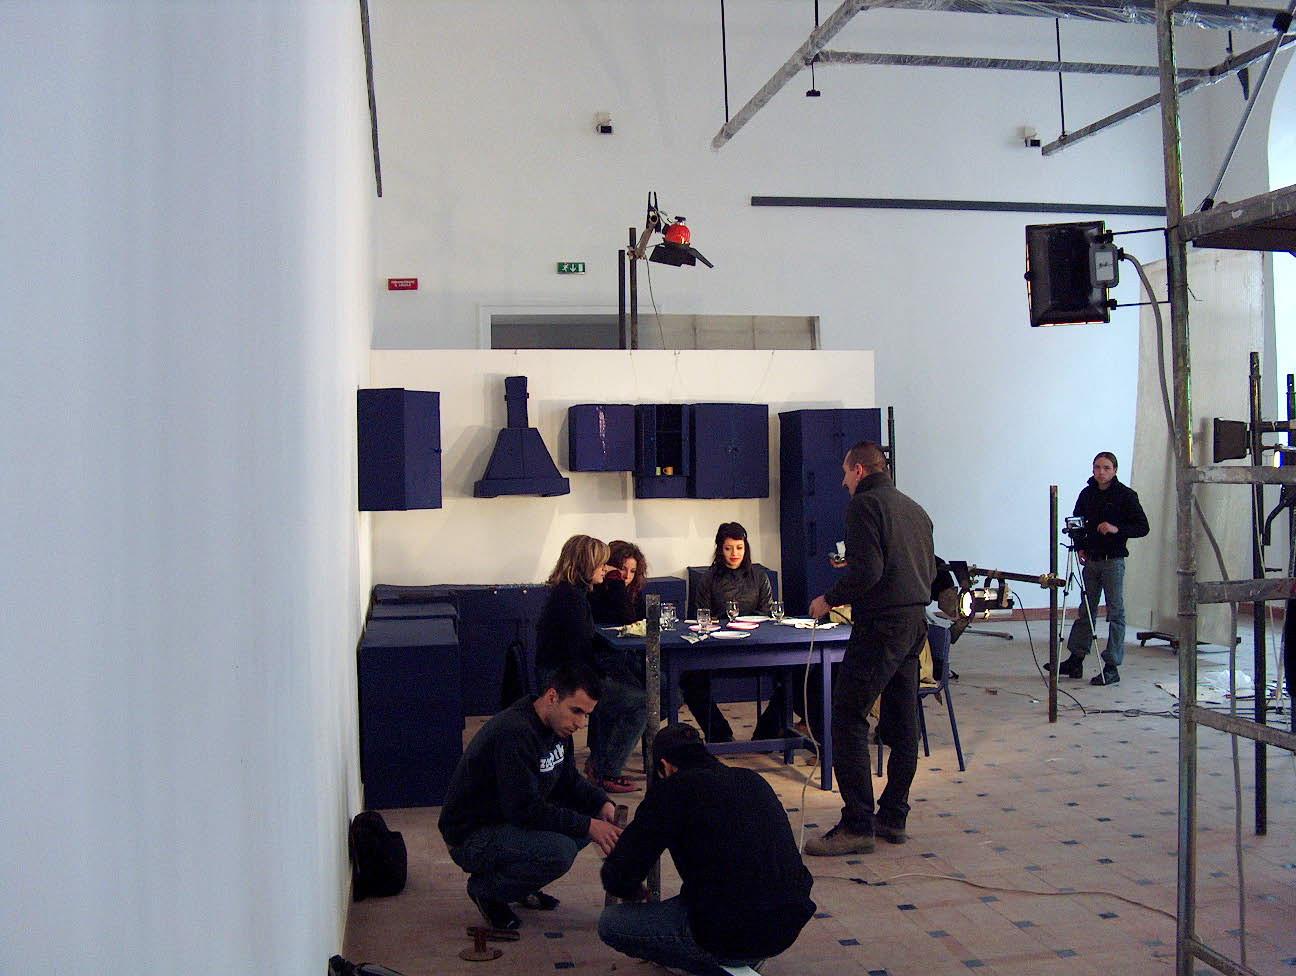 inKITCHEN installation, videoclip